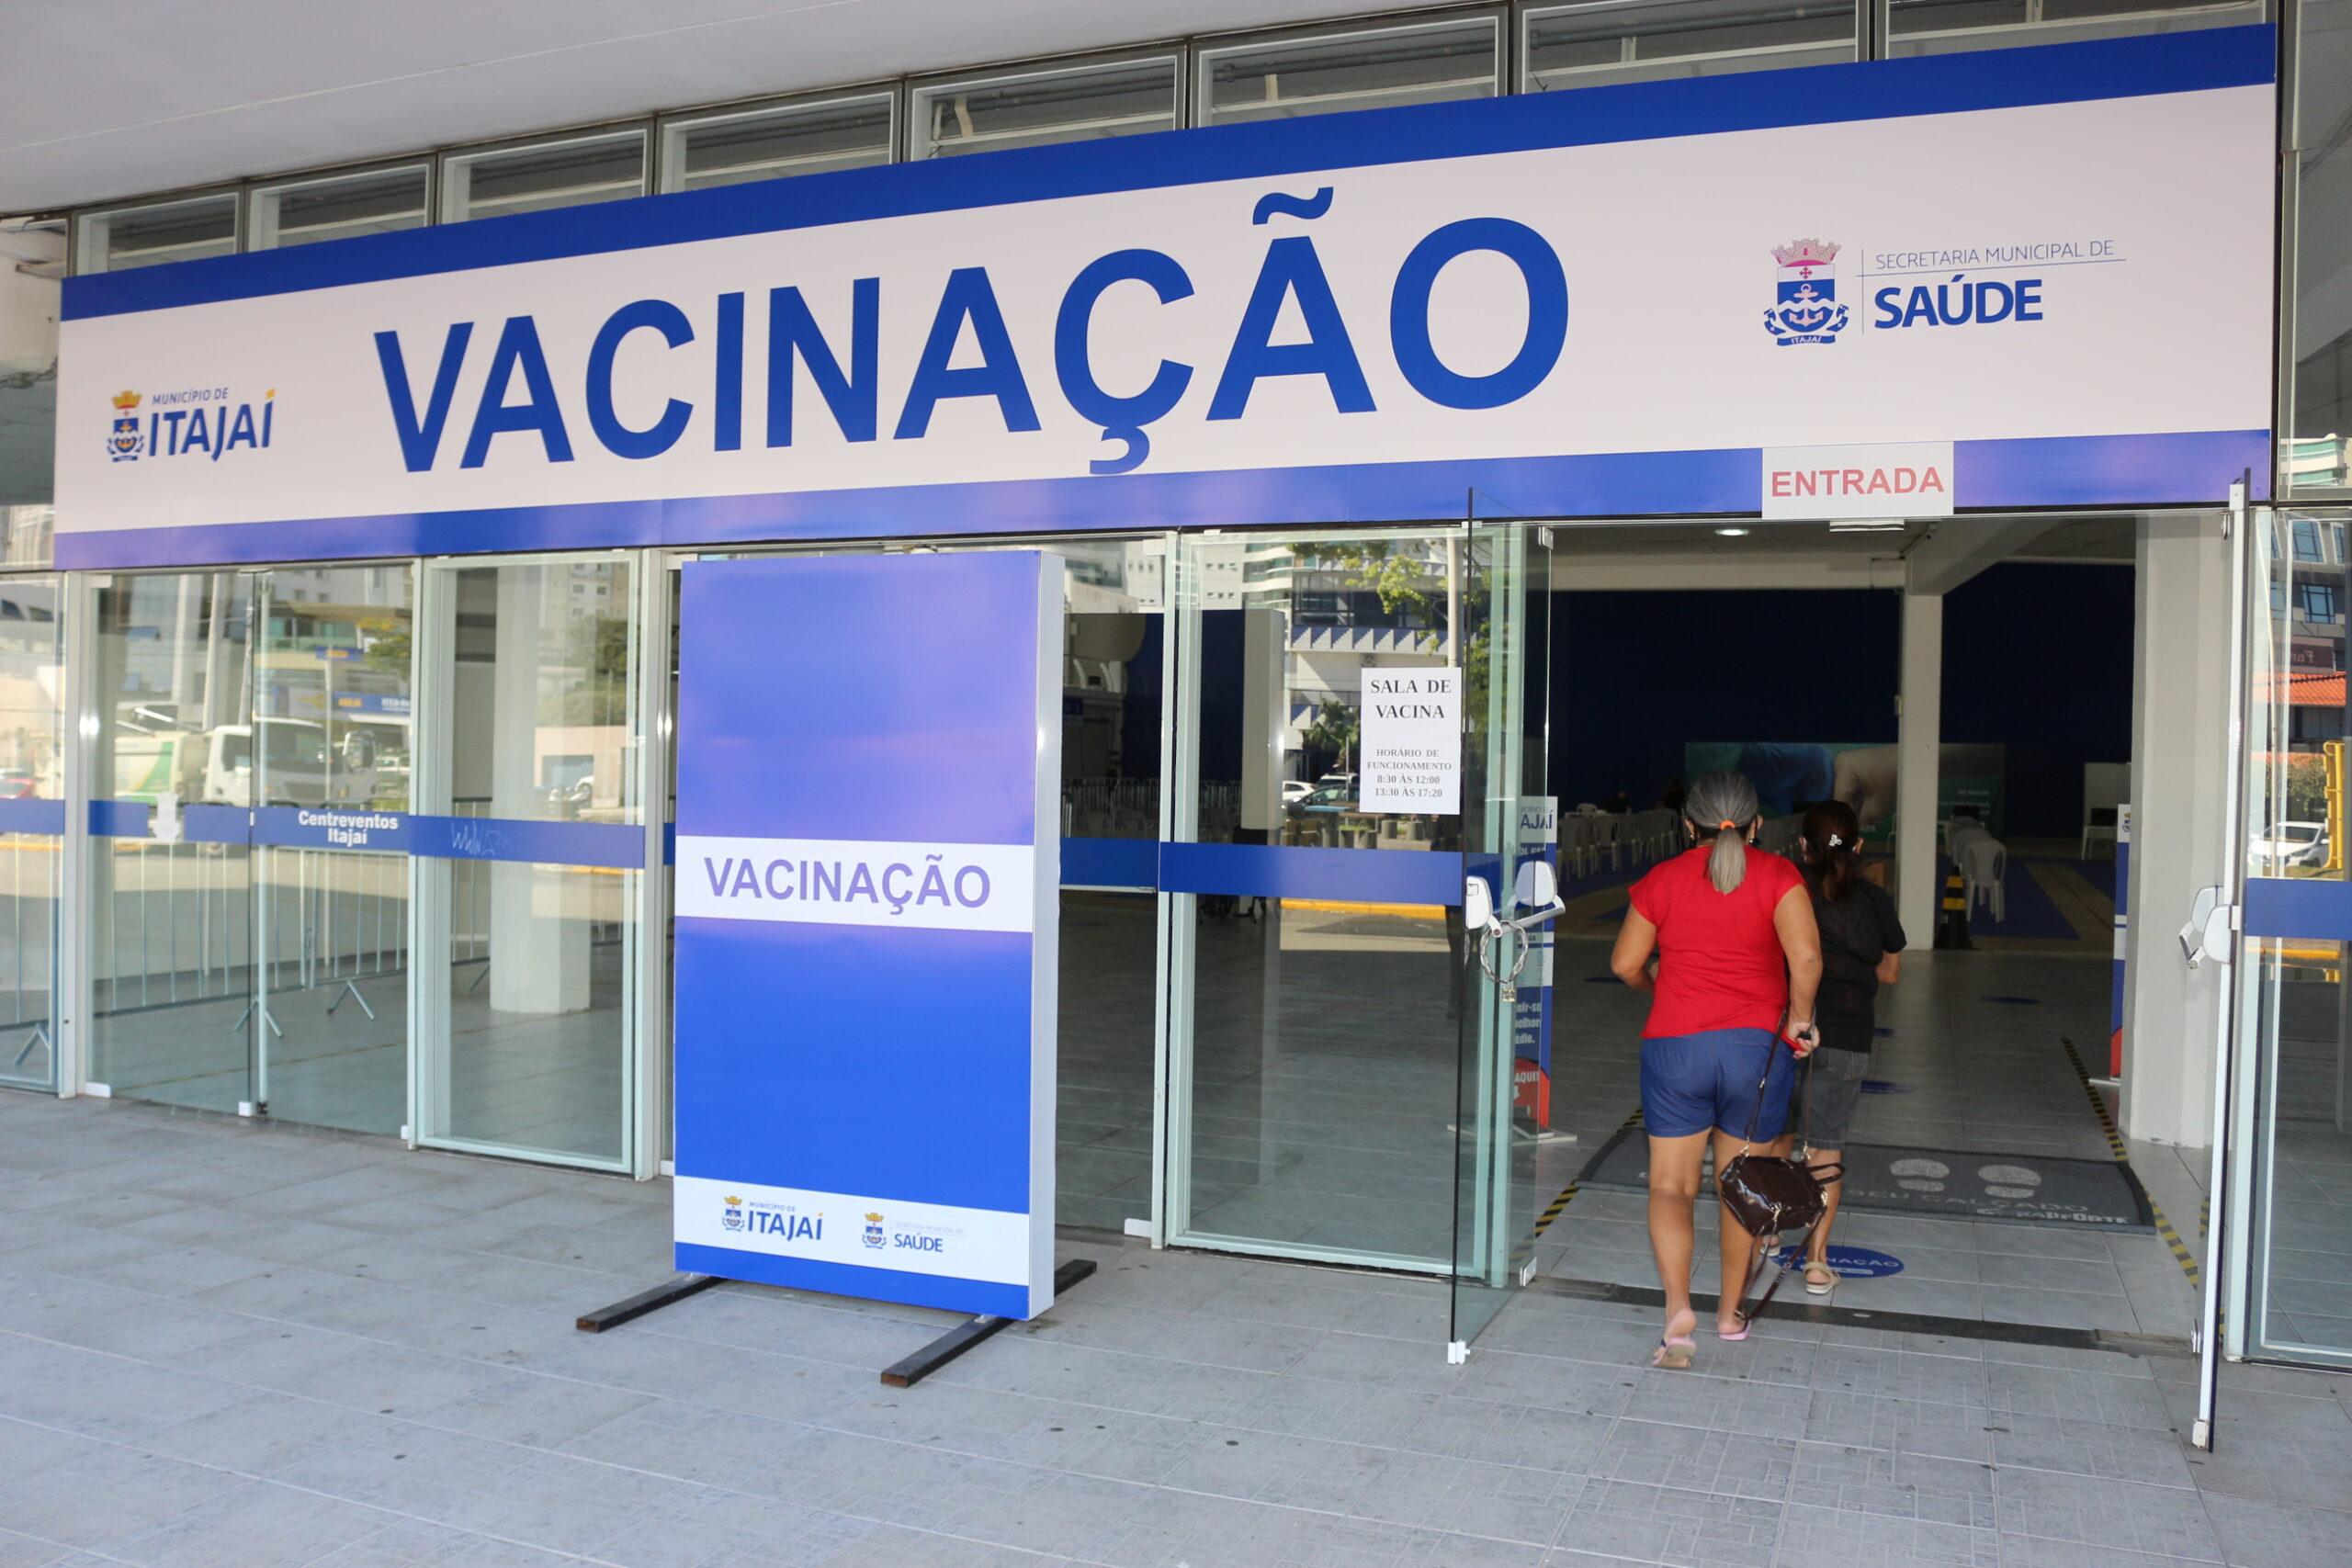 Vacina ITAJAÍ: Confira os grupos prioritários que podem se vacinar contra Covid-19 em Itajaí